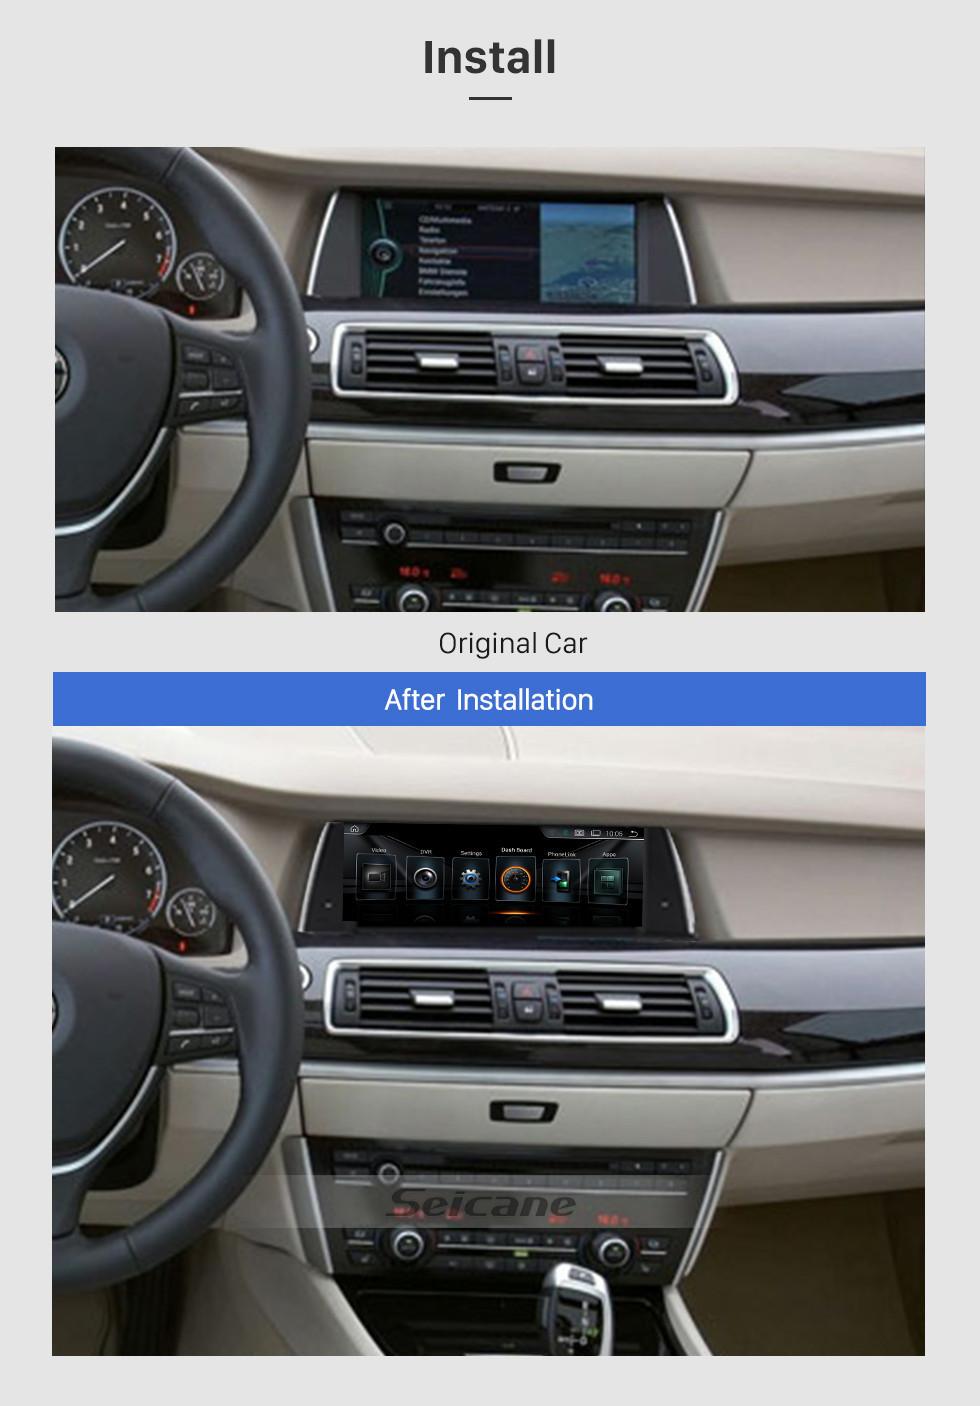 Seicane Android 9,0 10,25 дюйма для BMW 5 серии F07 GT (2011-2012) CIC Radio HD Сенсорный GPS-навигатор с поддержкой Bluetooth Carplay DVR